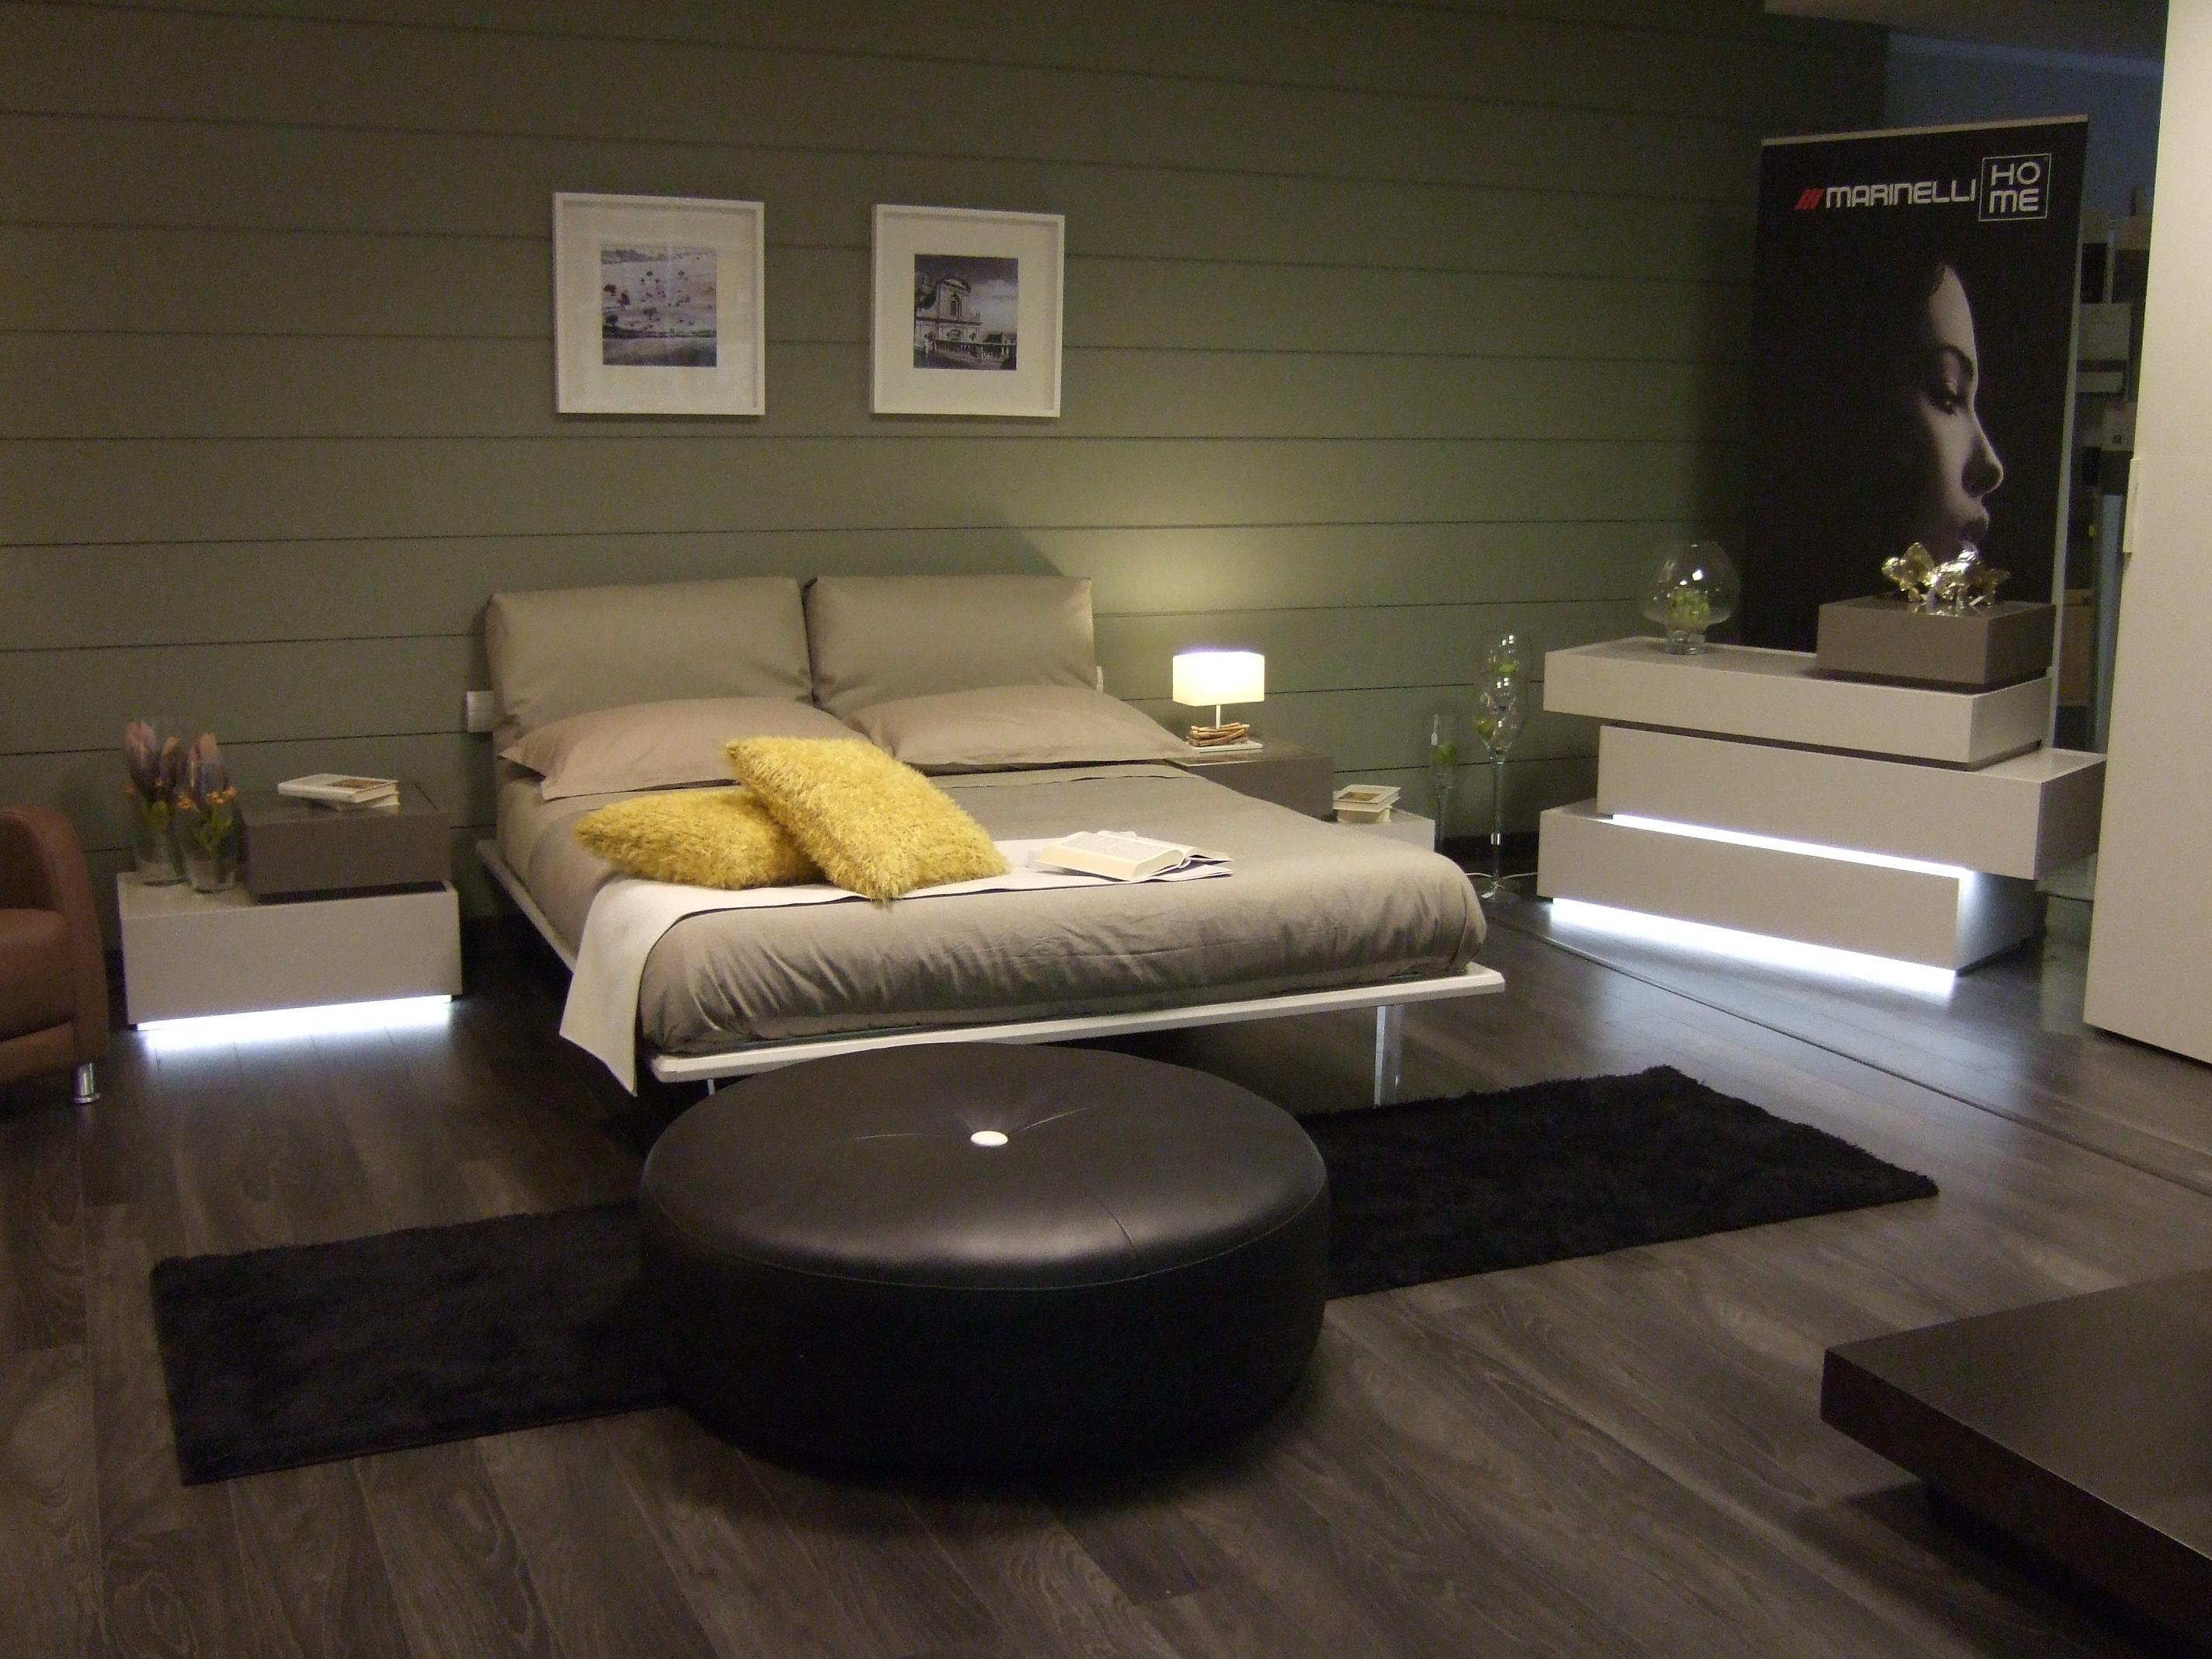 Replay la nuova camera da letto arrivata in negozio for Camera da letto tomasella